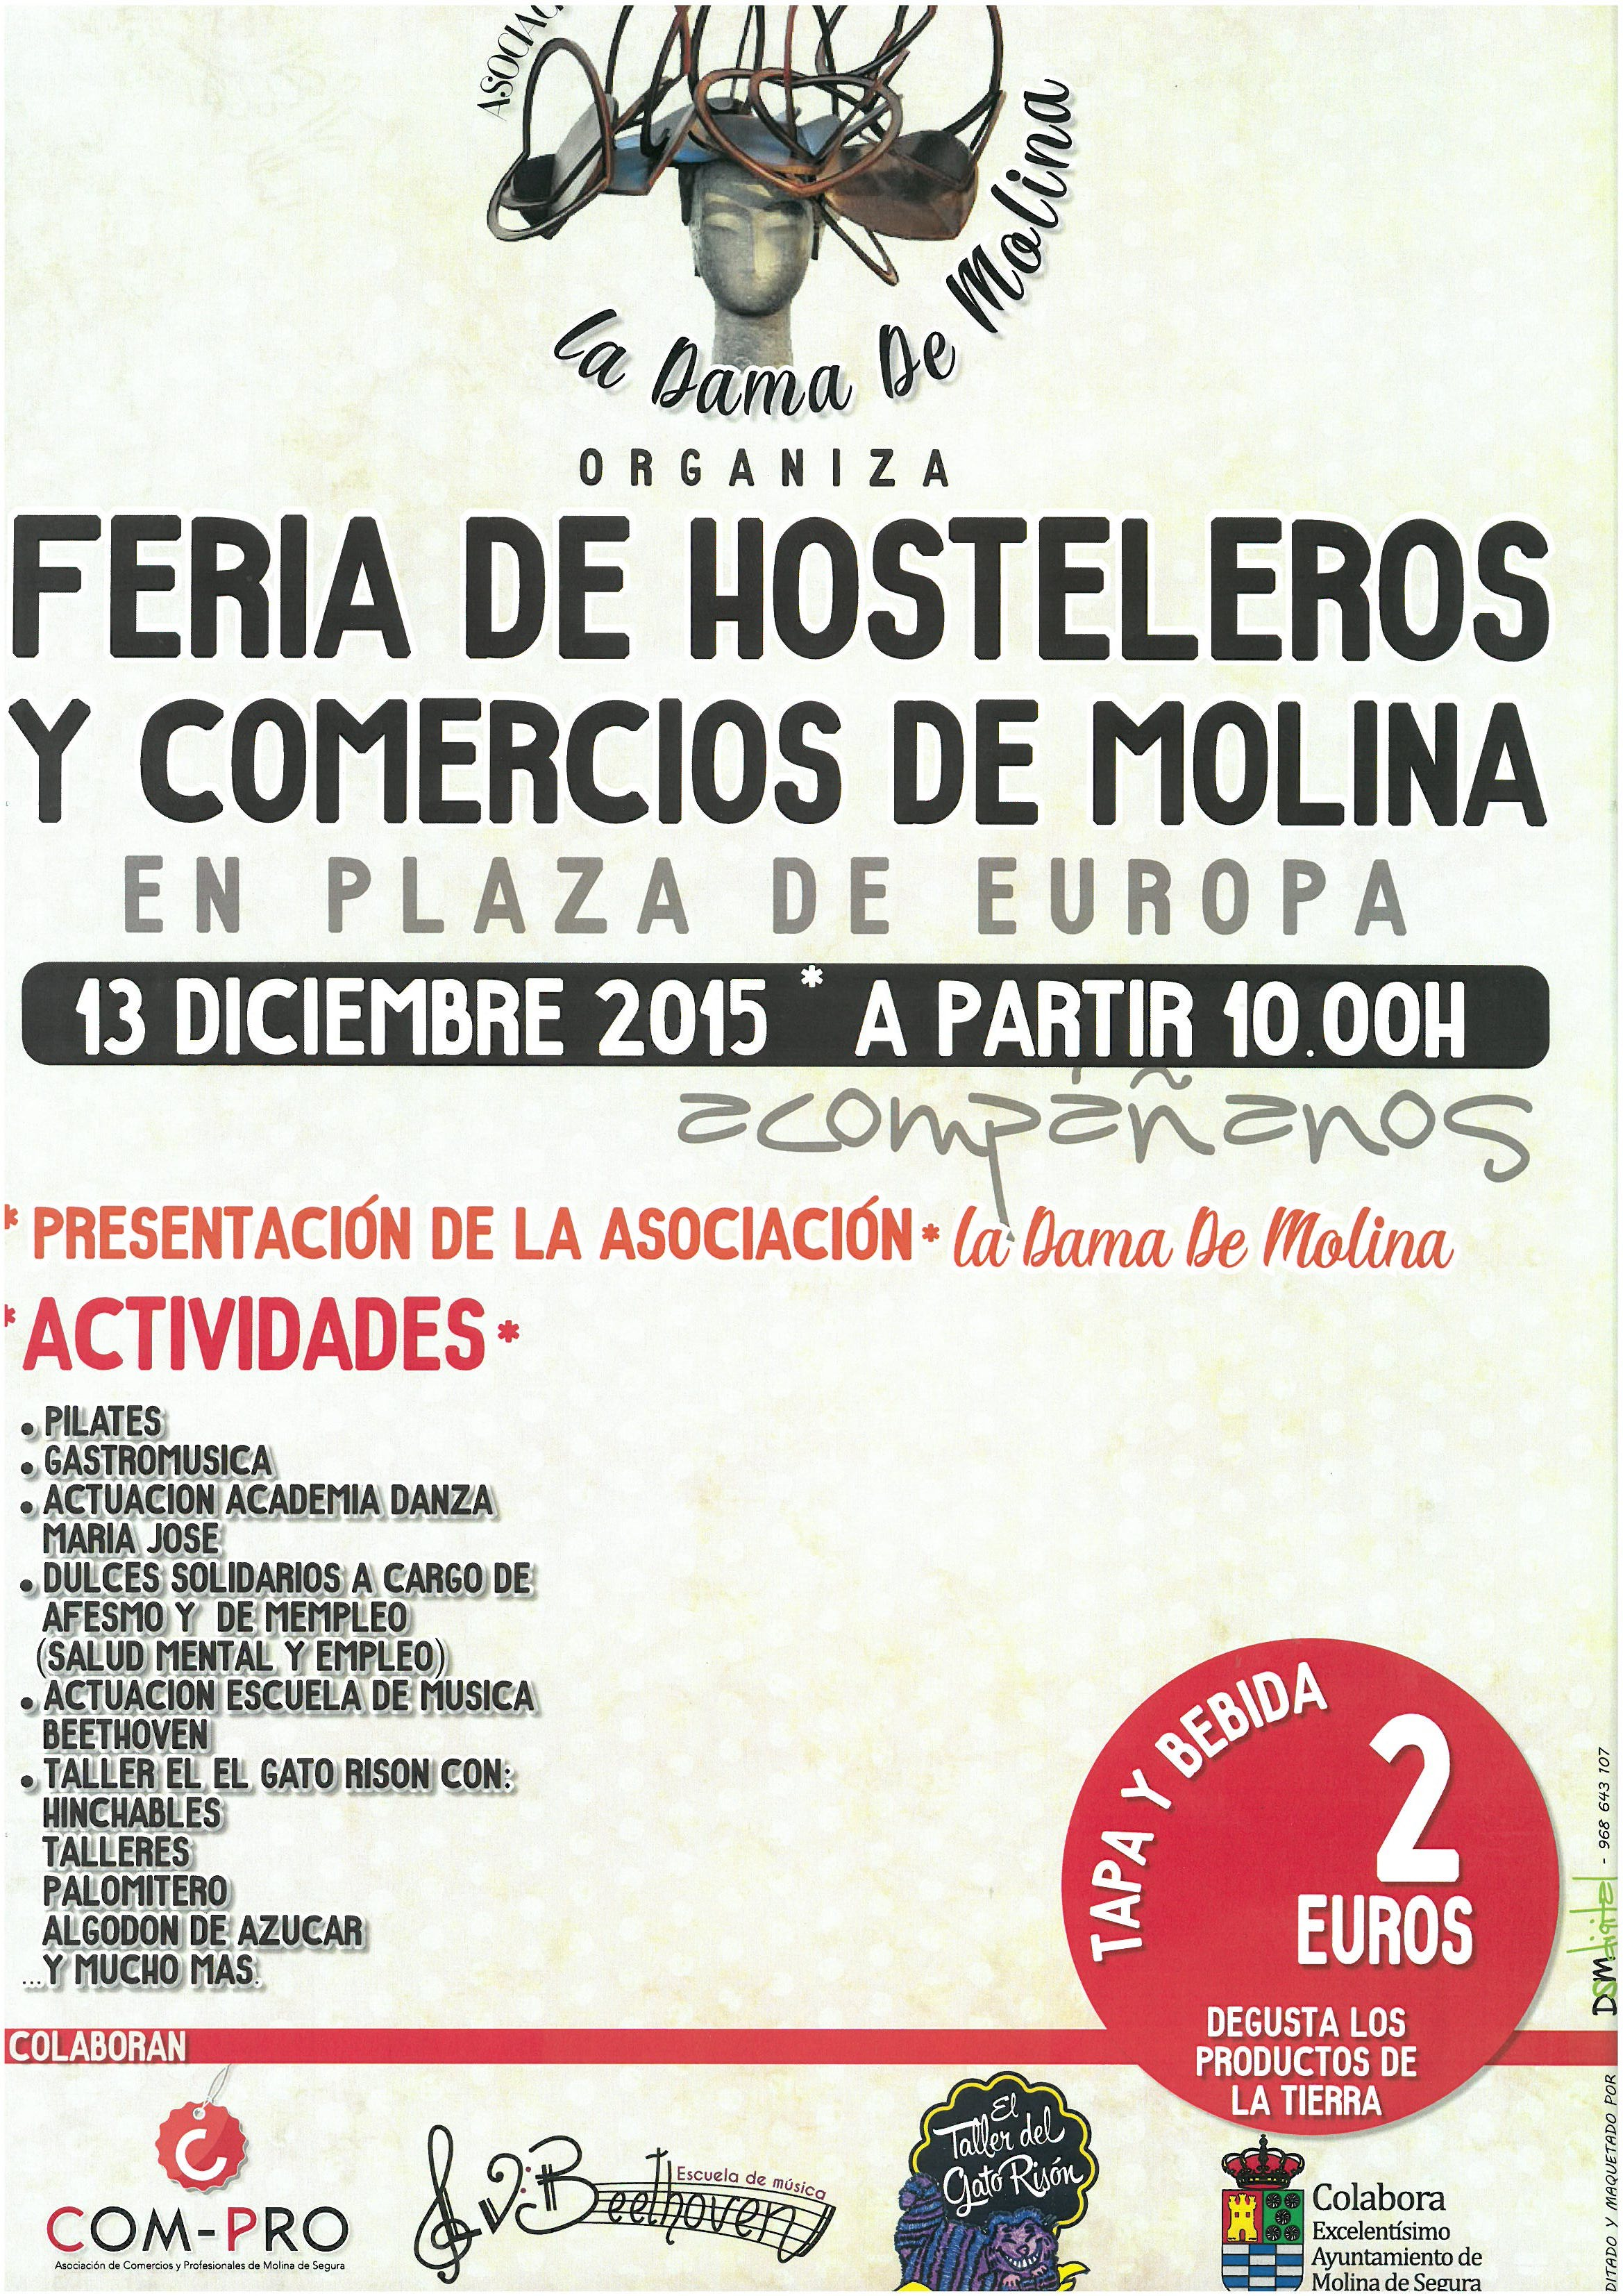 Feria del los hosteleros y comercios